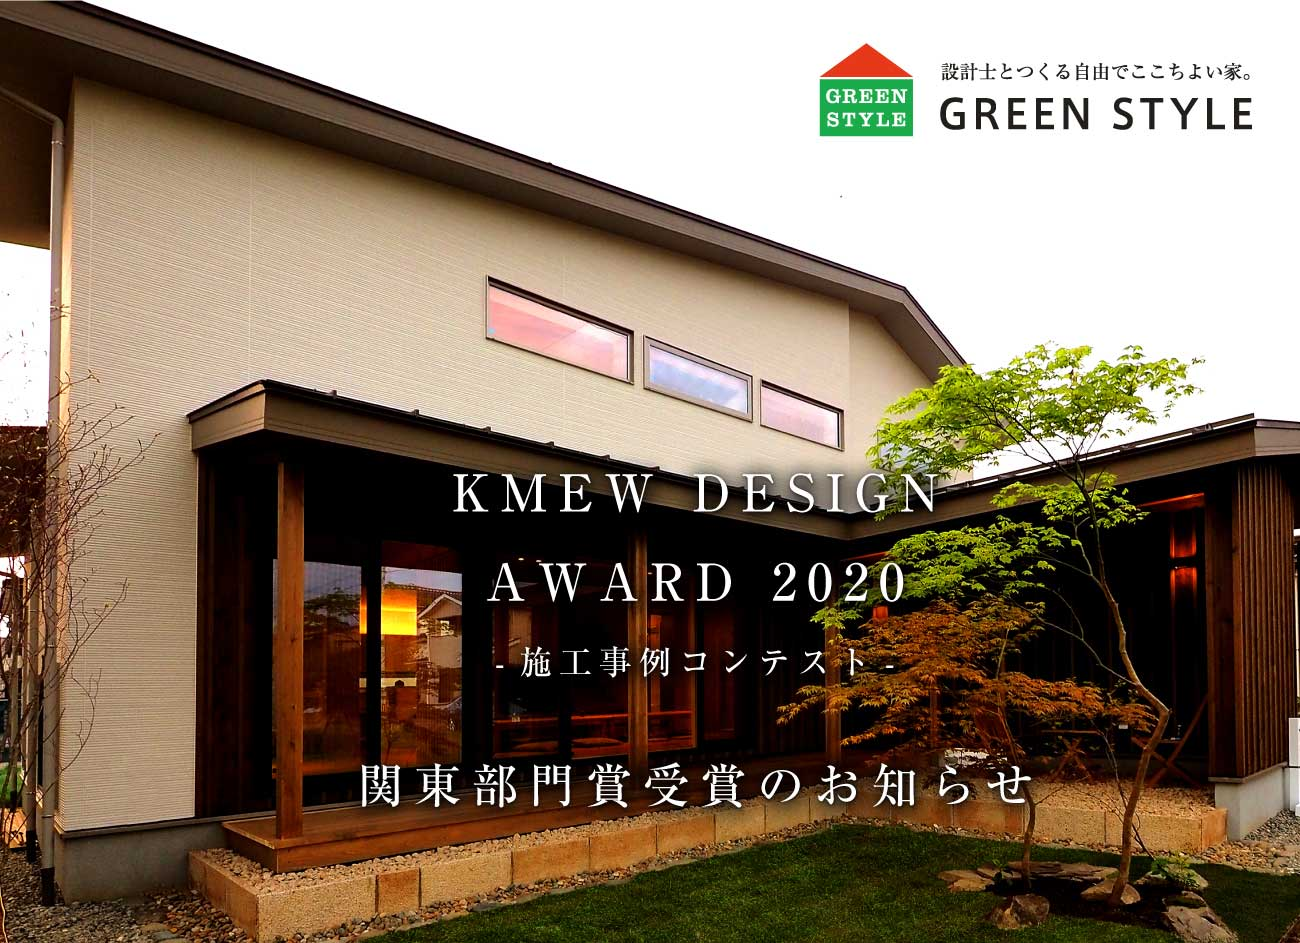 グリーンスタイル KMEW DESIGN AWARD 2020 関東エリア賞受賞